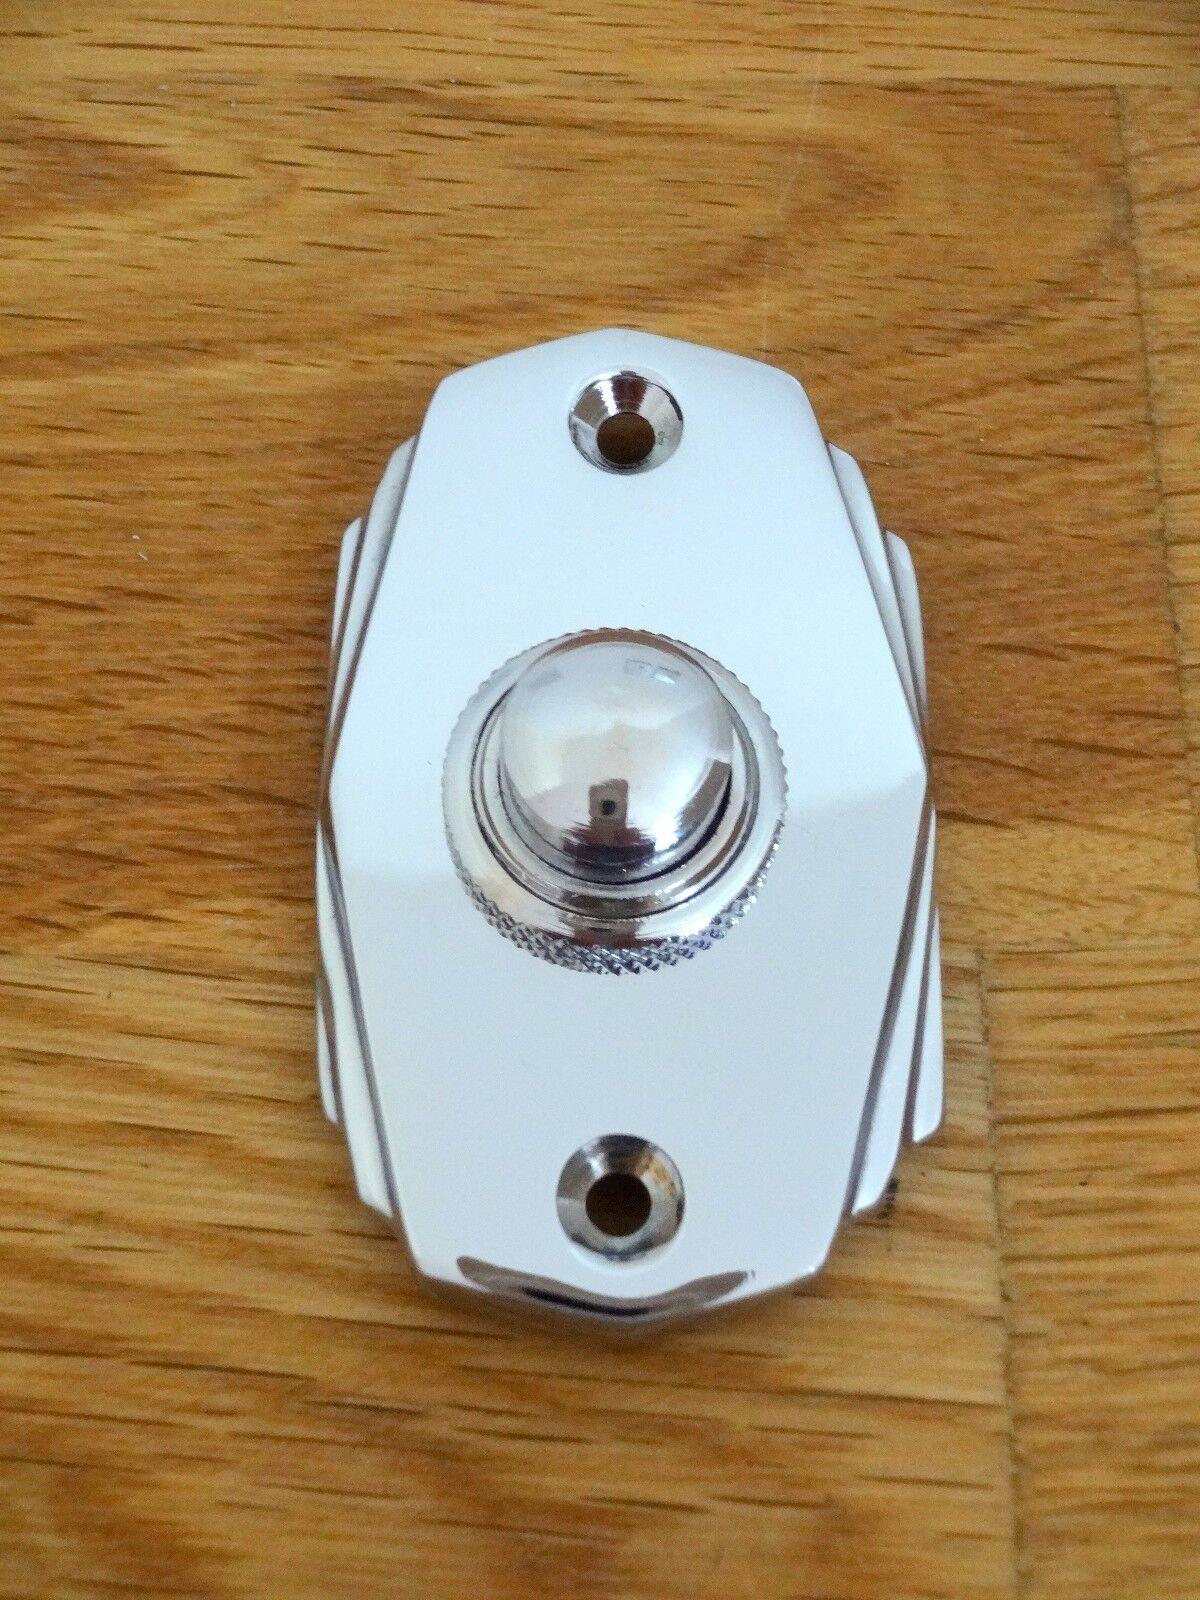 CHROME ART DECO STYLE DOOR BELL PUSH DOORBELL KNOCKER